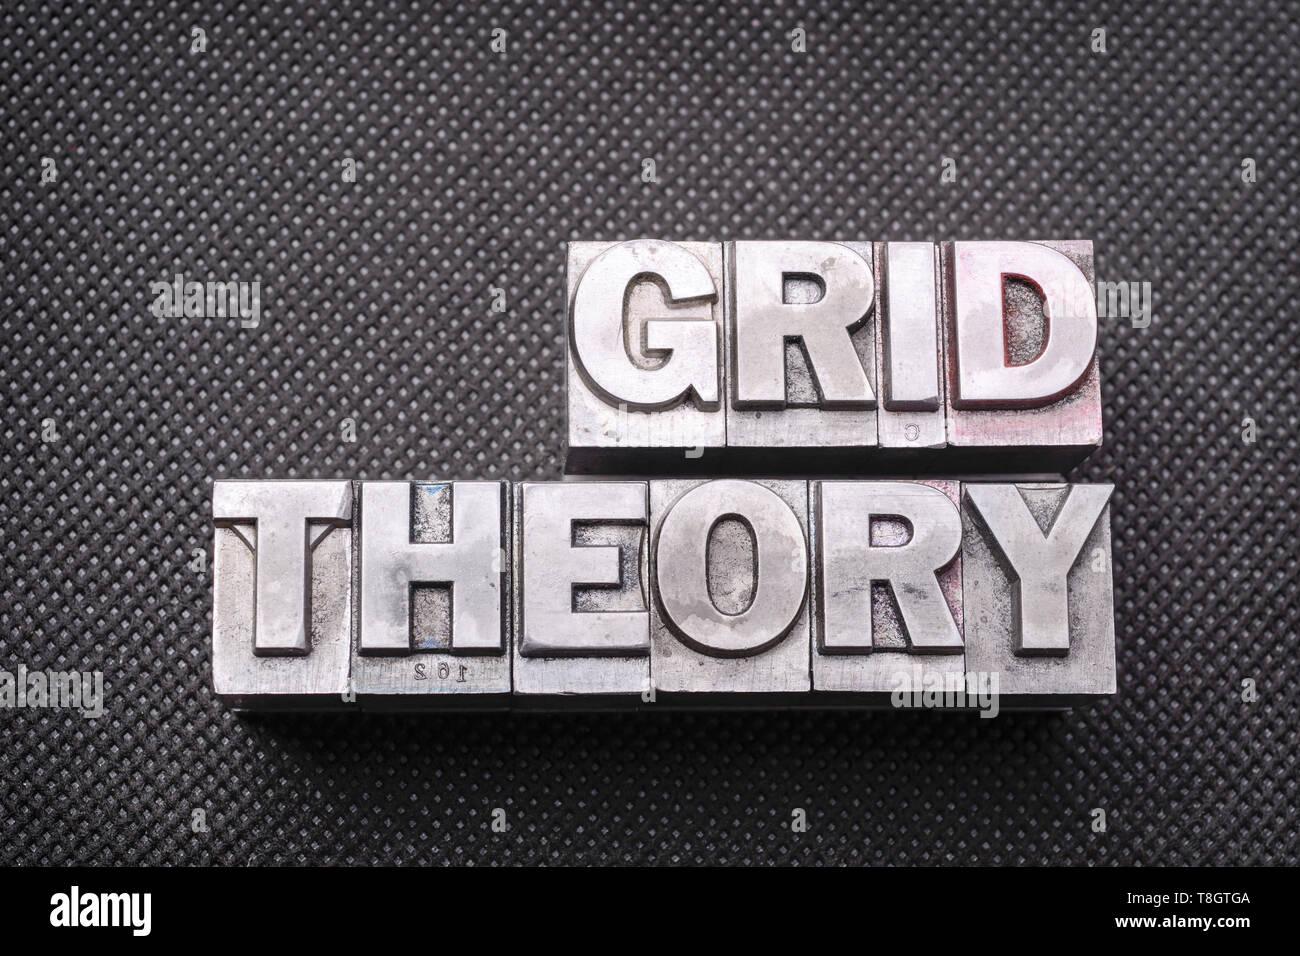 Grid Theorie Phrase von metallischen Buchdruck Blöcken auf Schwarz perforierte Oberfläche Stockbild